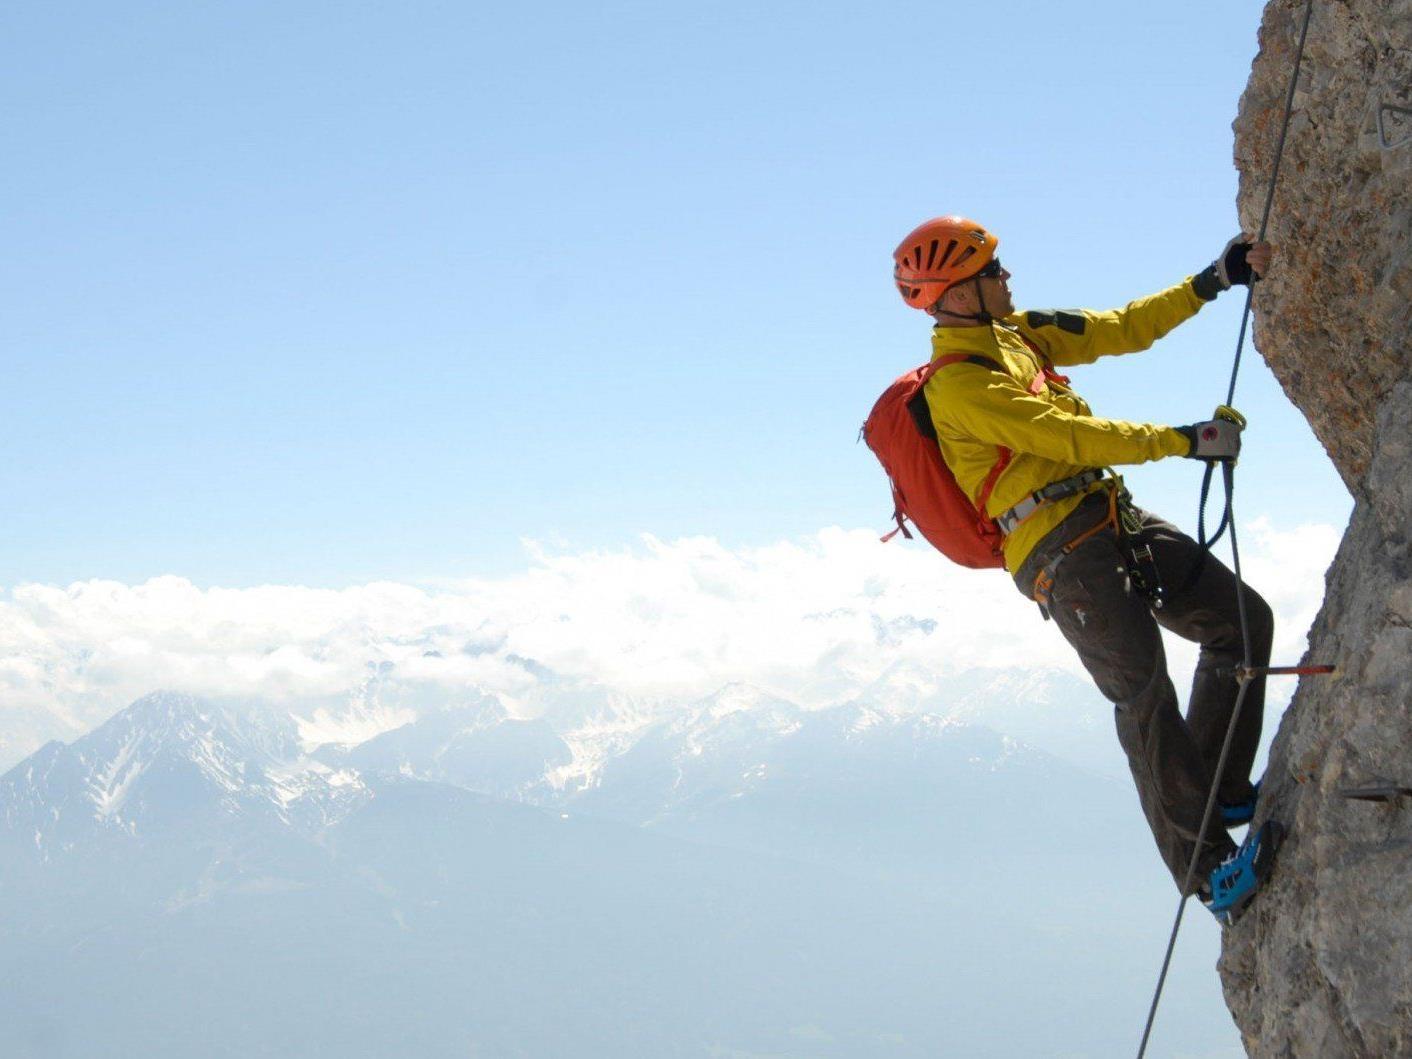 Die 10 Klettersteig-Empfehlungen des Alpenvereins sollen die Risiken am Klettersteig reduzieren und zu einem bewussteren Verhalten am Fels anregen (im Bild: Innsbrucker Klettersteig).